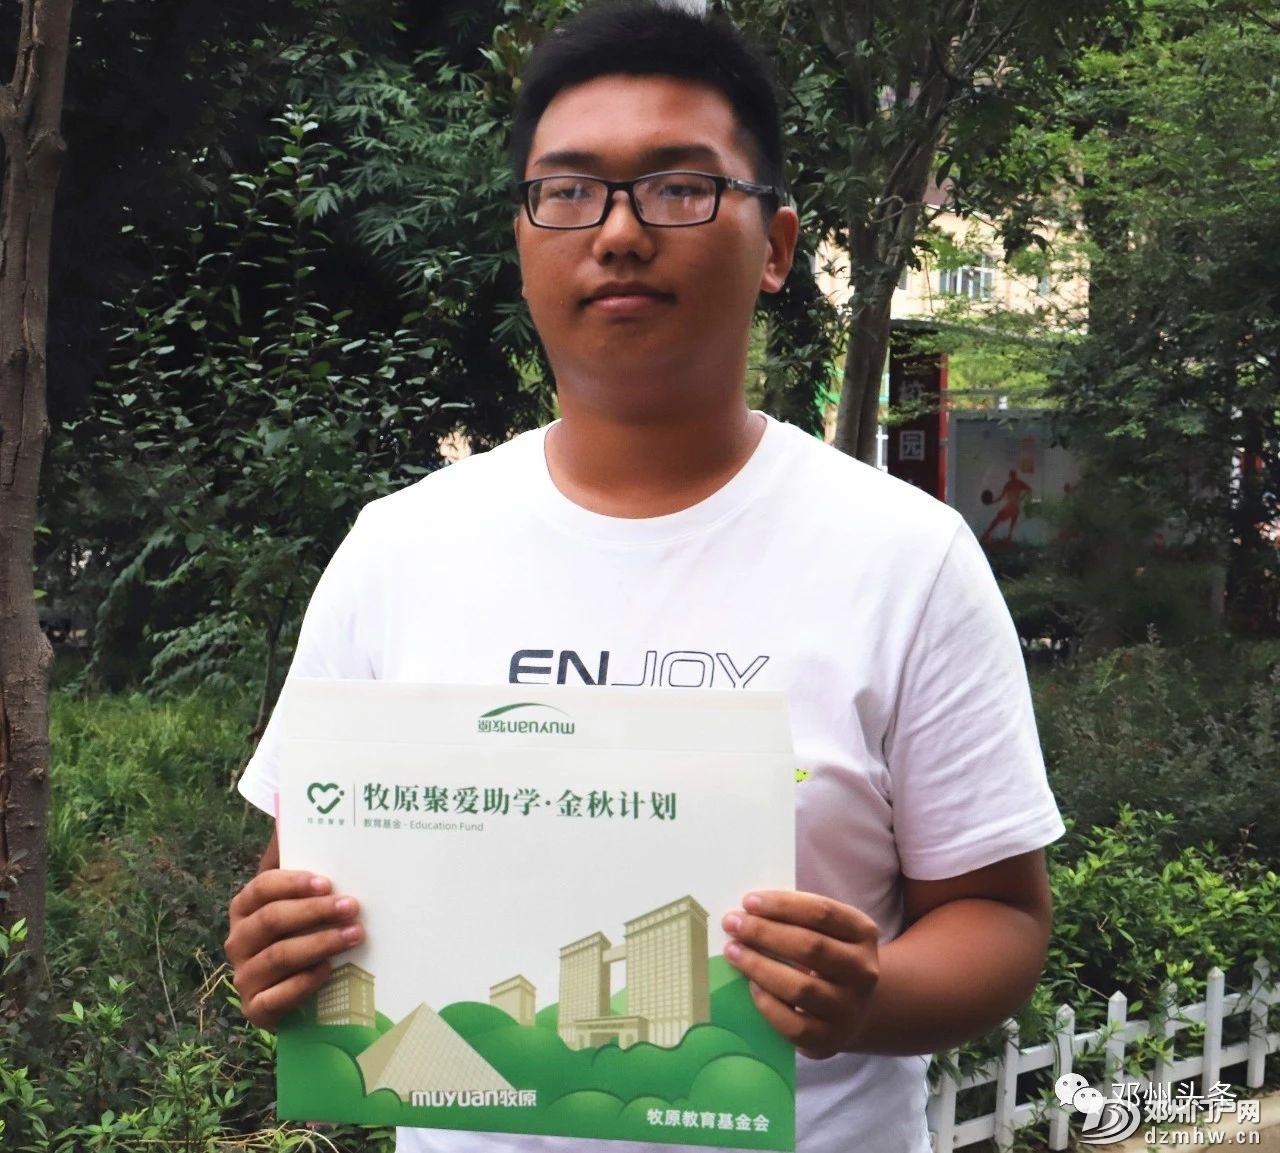 99.4万元,奖励这些优秀学生 - 邓州门户网|邓州网 - 083edcfc6d642d8e00ab721006db695f.jpg